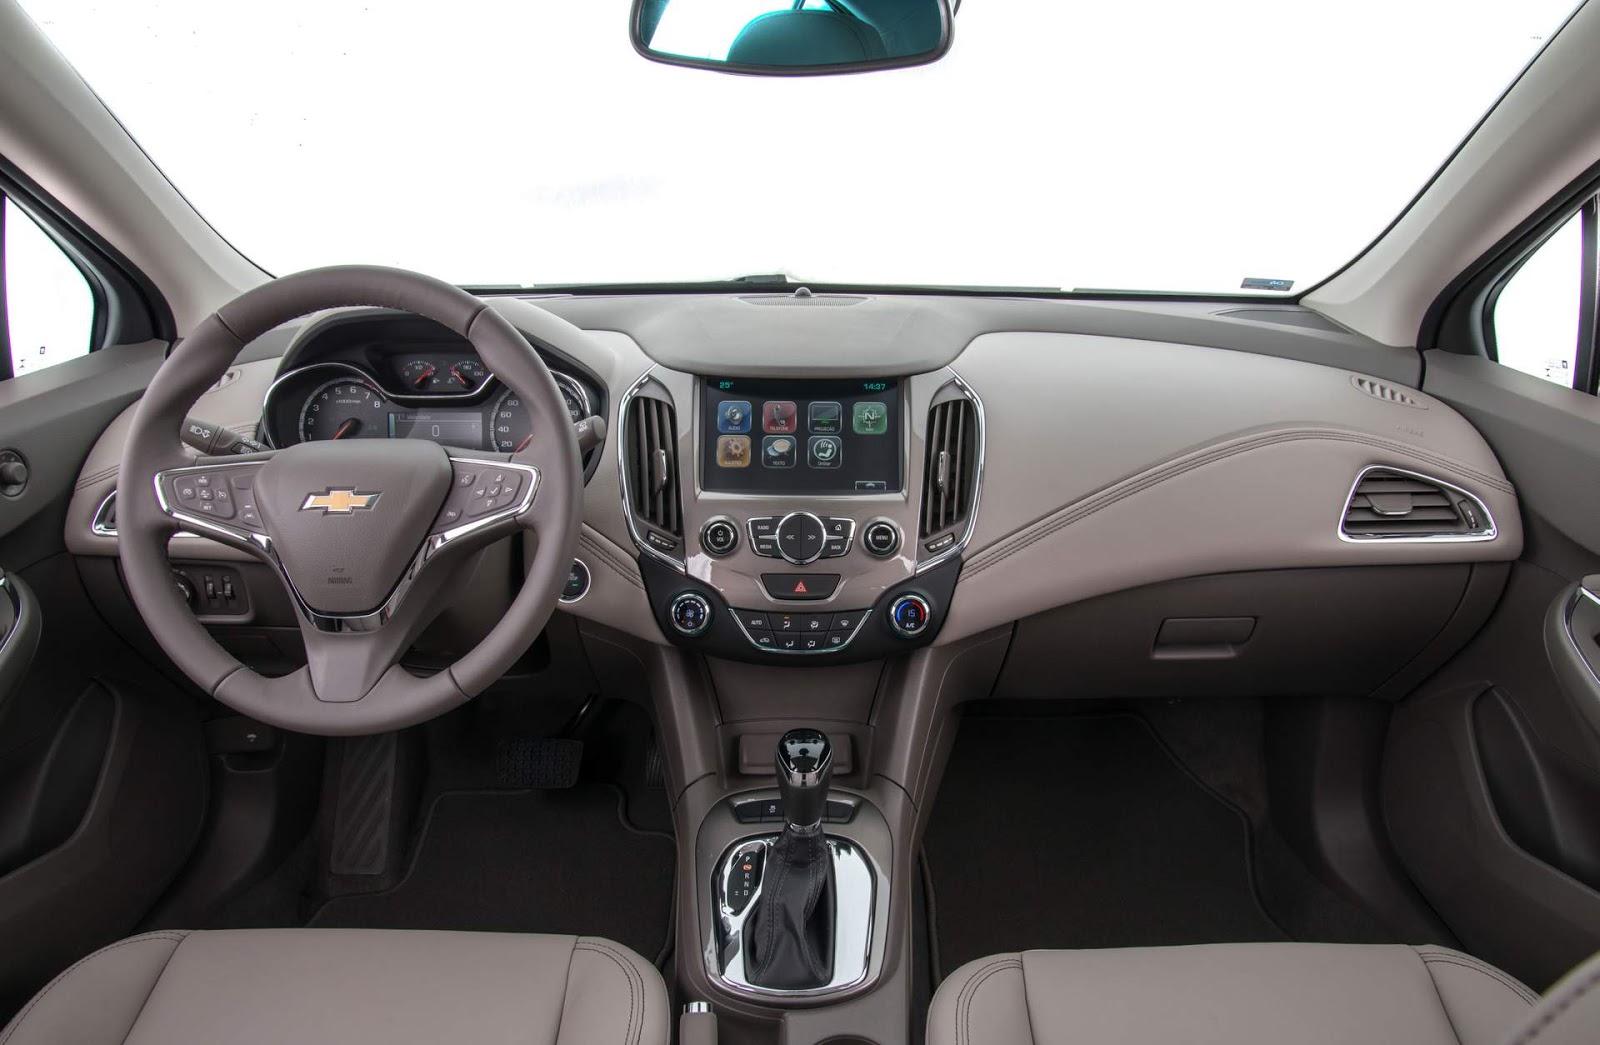 Novo chevrolet cruze 2018 Chevrolet-Cruze-Hatch-2018%2B%25281%2529